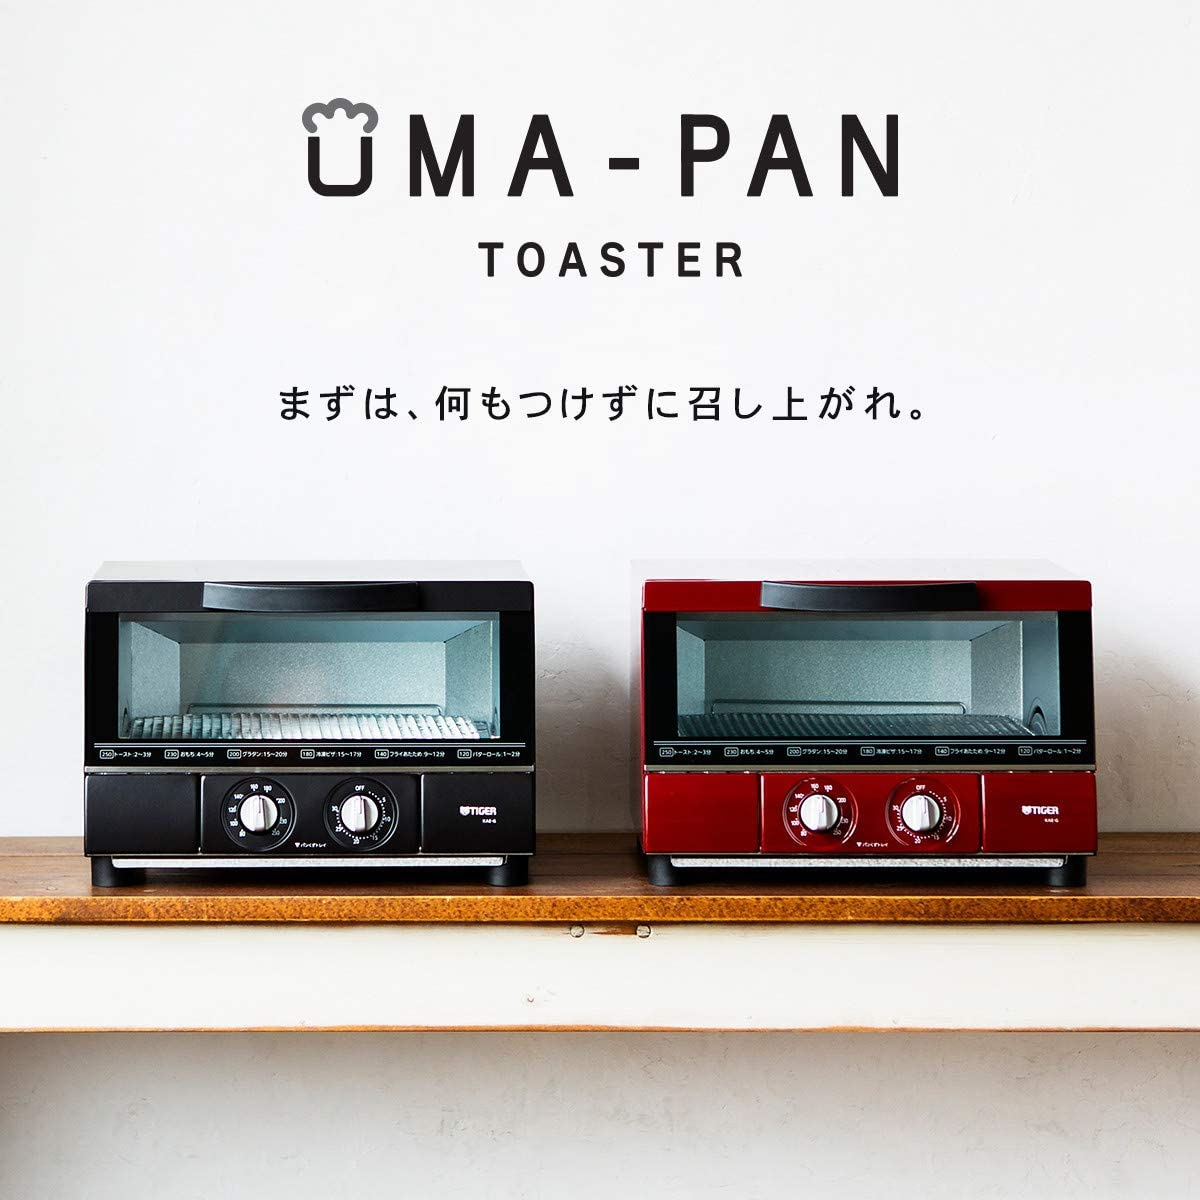 タイガー魔法瓶(TIGER) オーブントースターKAE-G13Nの商品画像2